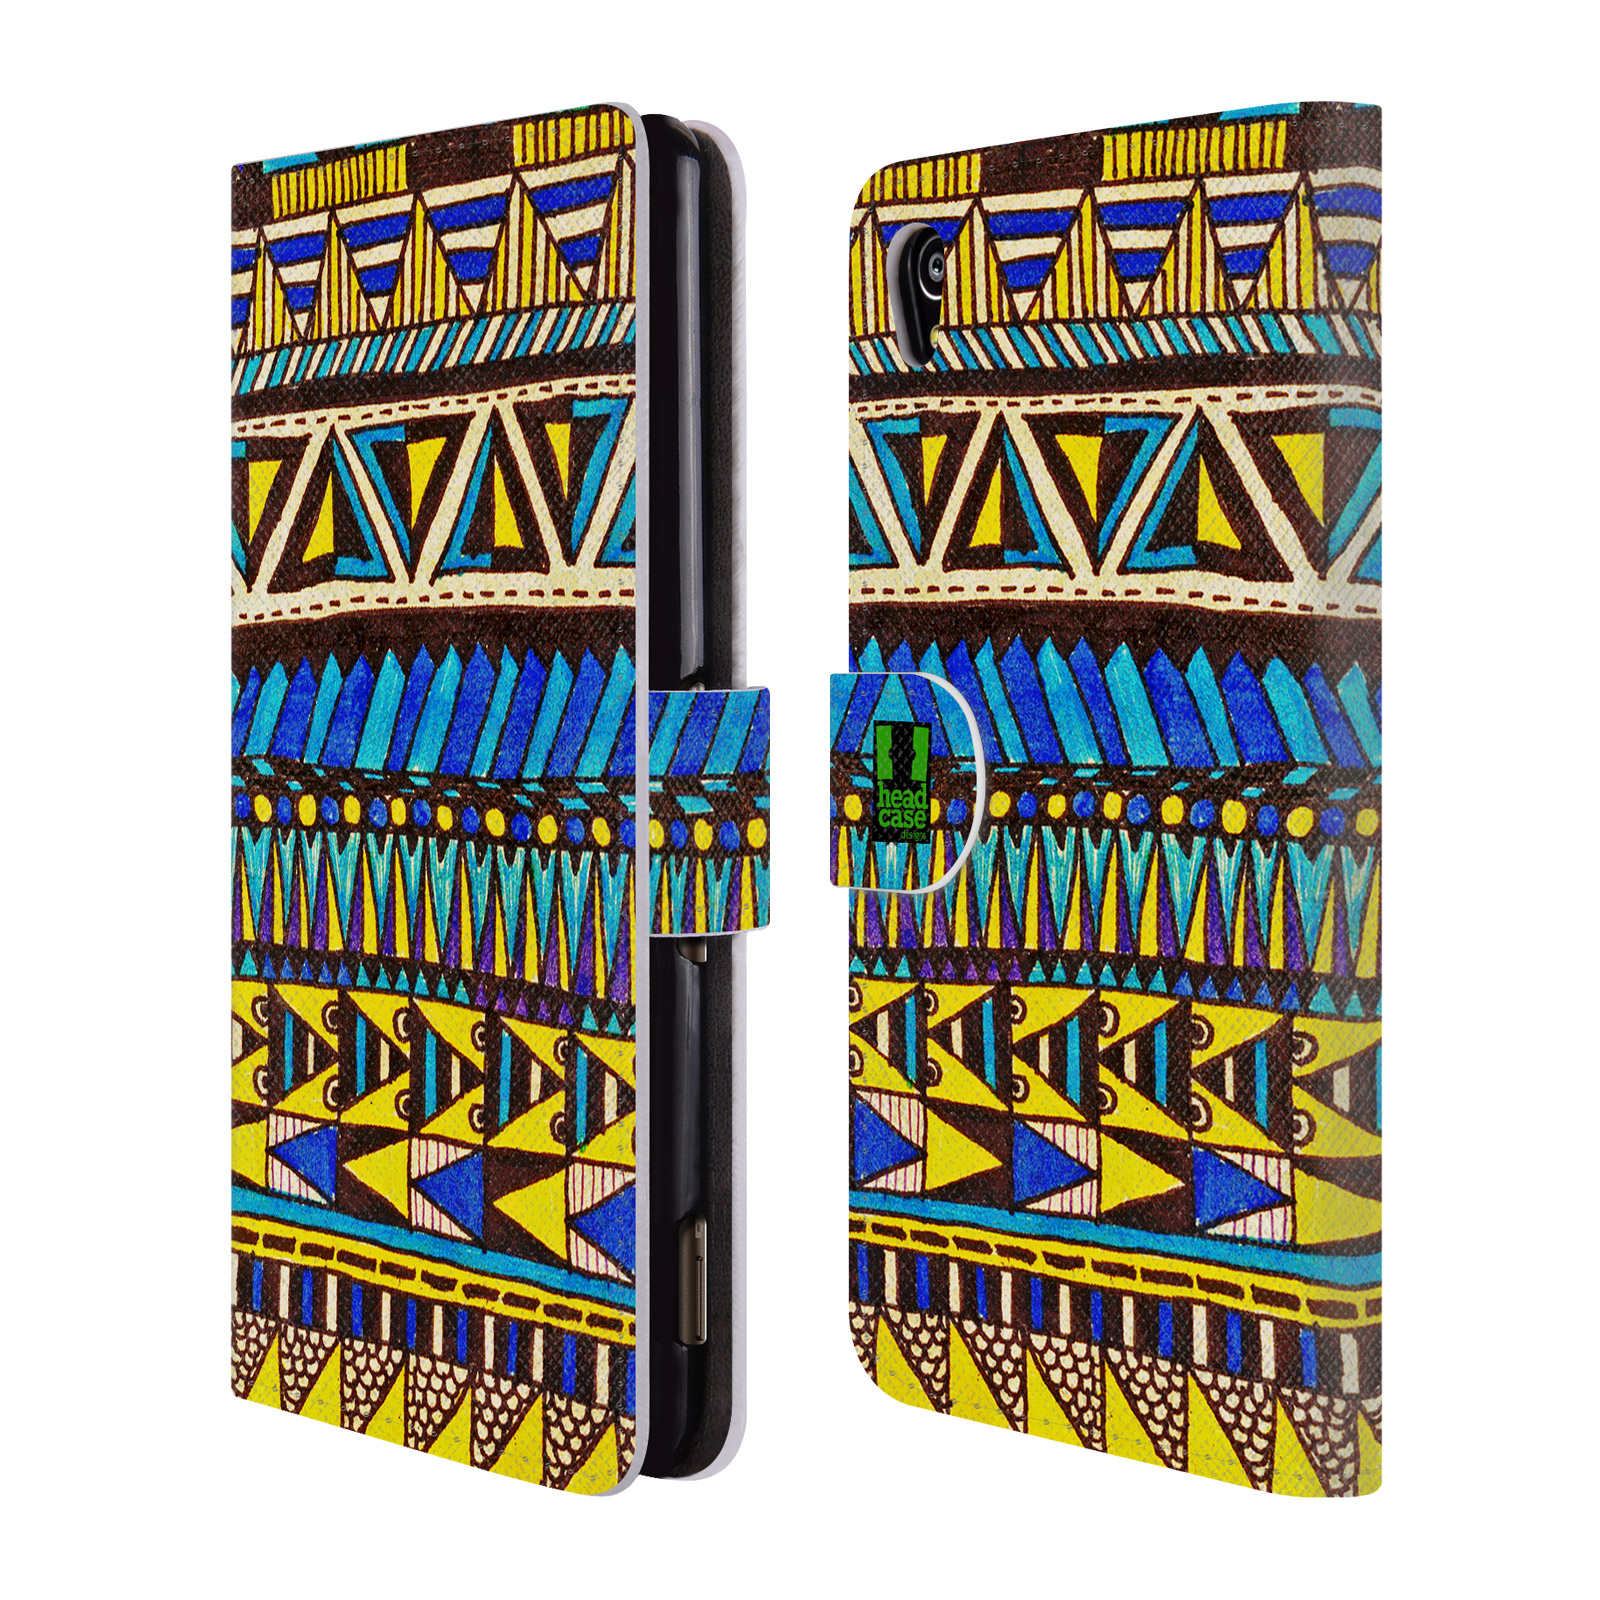 HEAD CASE Flipové pouzdro pro mobil SONY XPERIA M4 AQUA Barevná aztécká čmáranice modrá